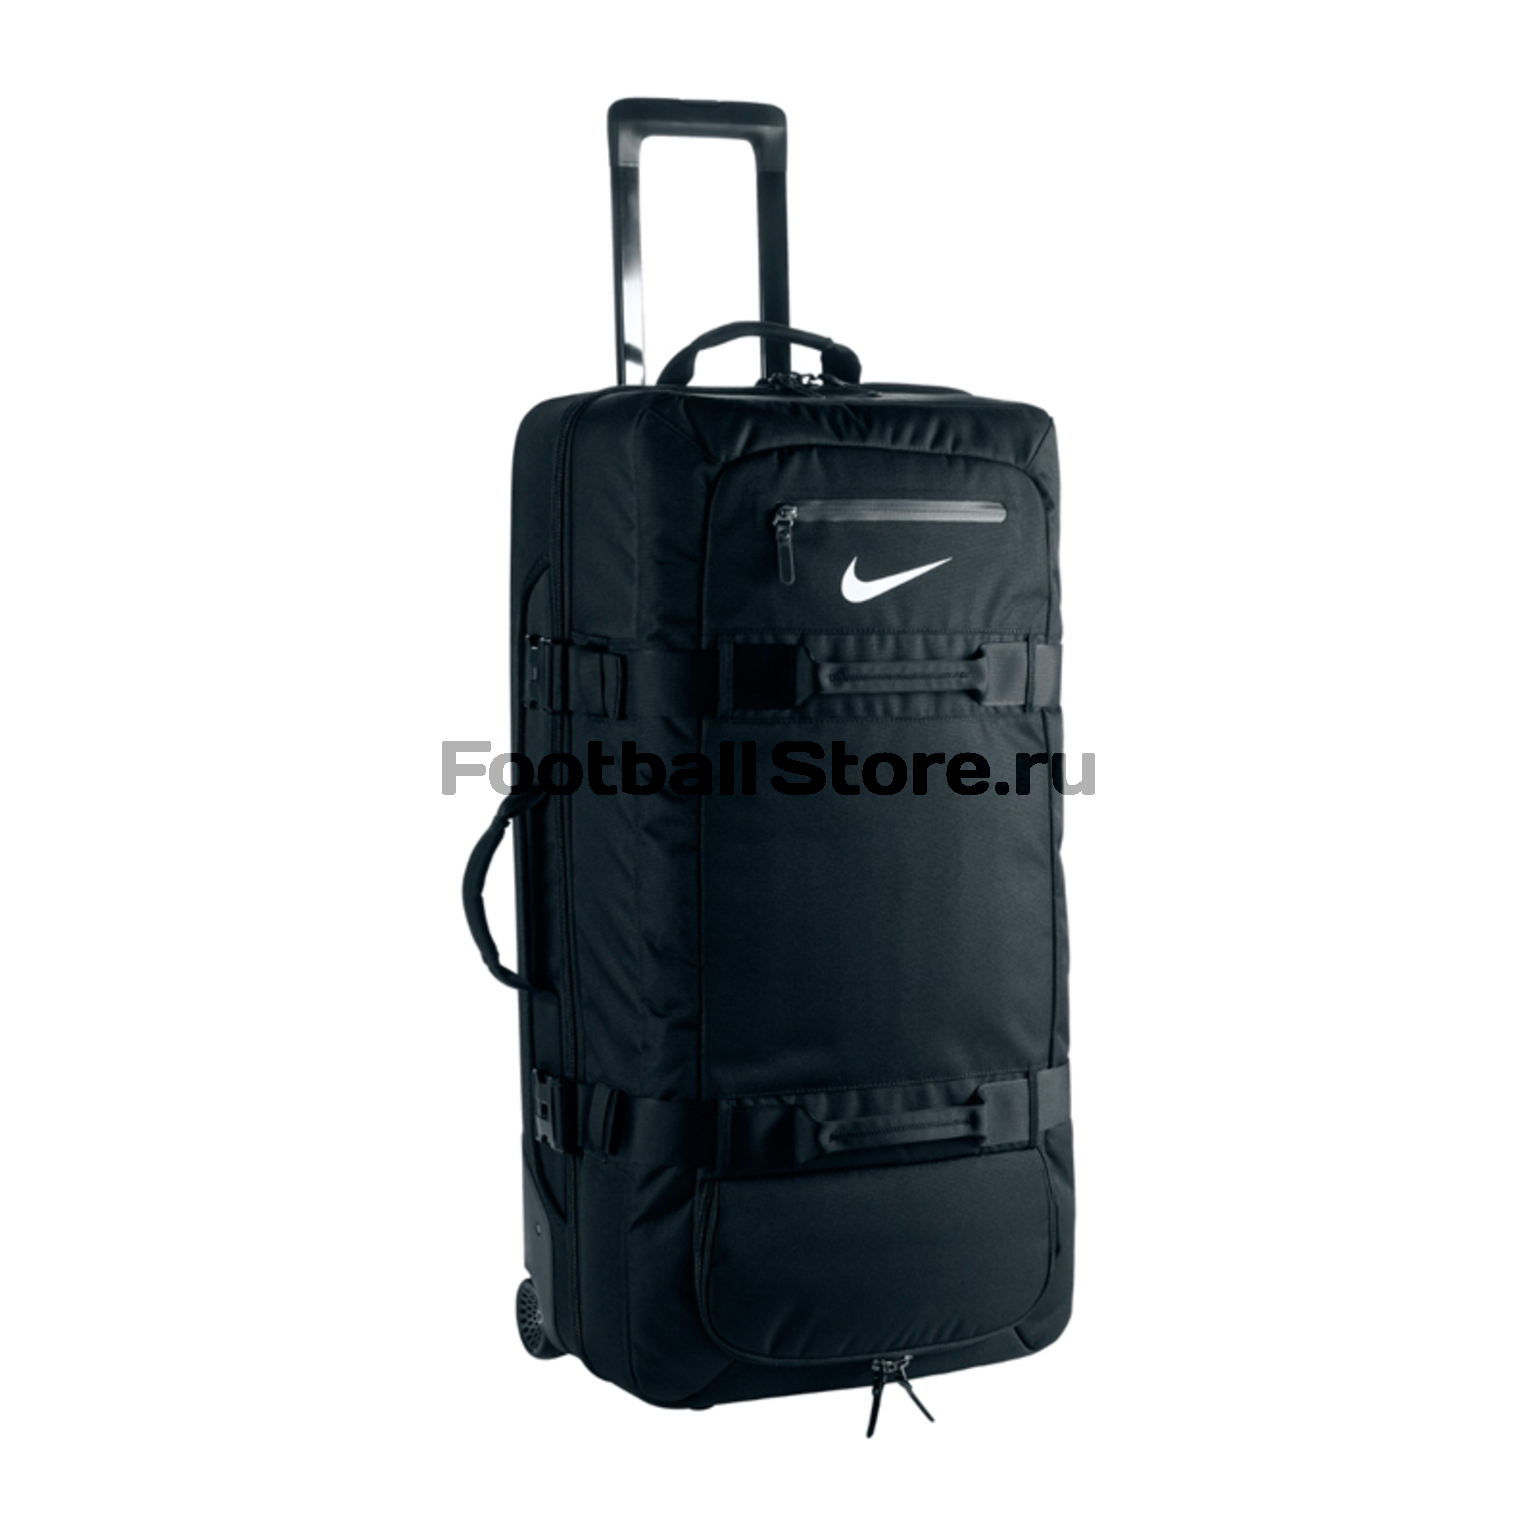 fa97eb933db7 О ТОВАРЕ; РАСЧЕТ ДОСТАВКИ. Дорожная сумка на колесах от компании Nike  выполнена из двух больших отсеков для хранения вещей ...